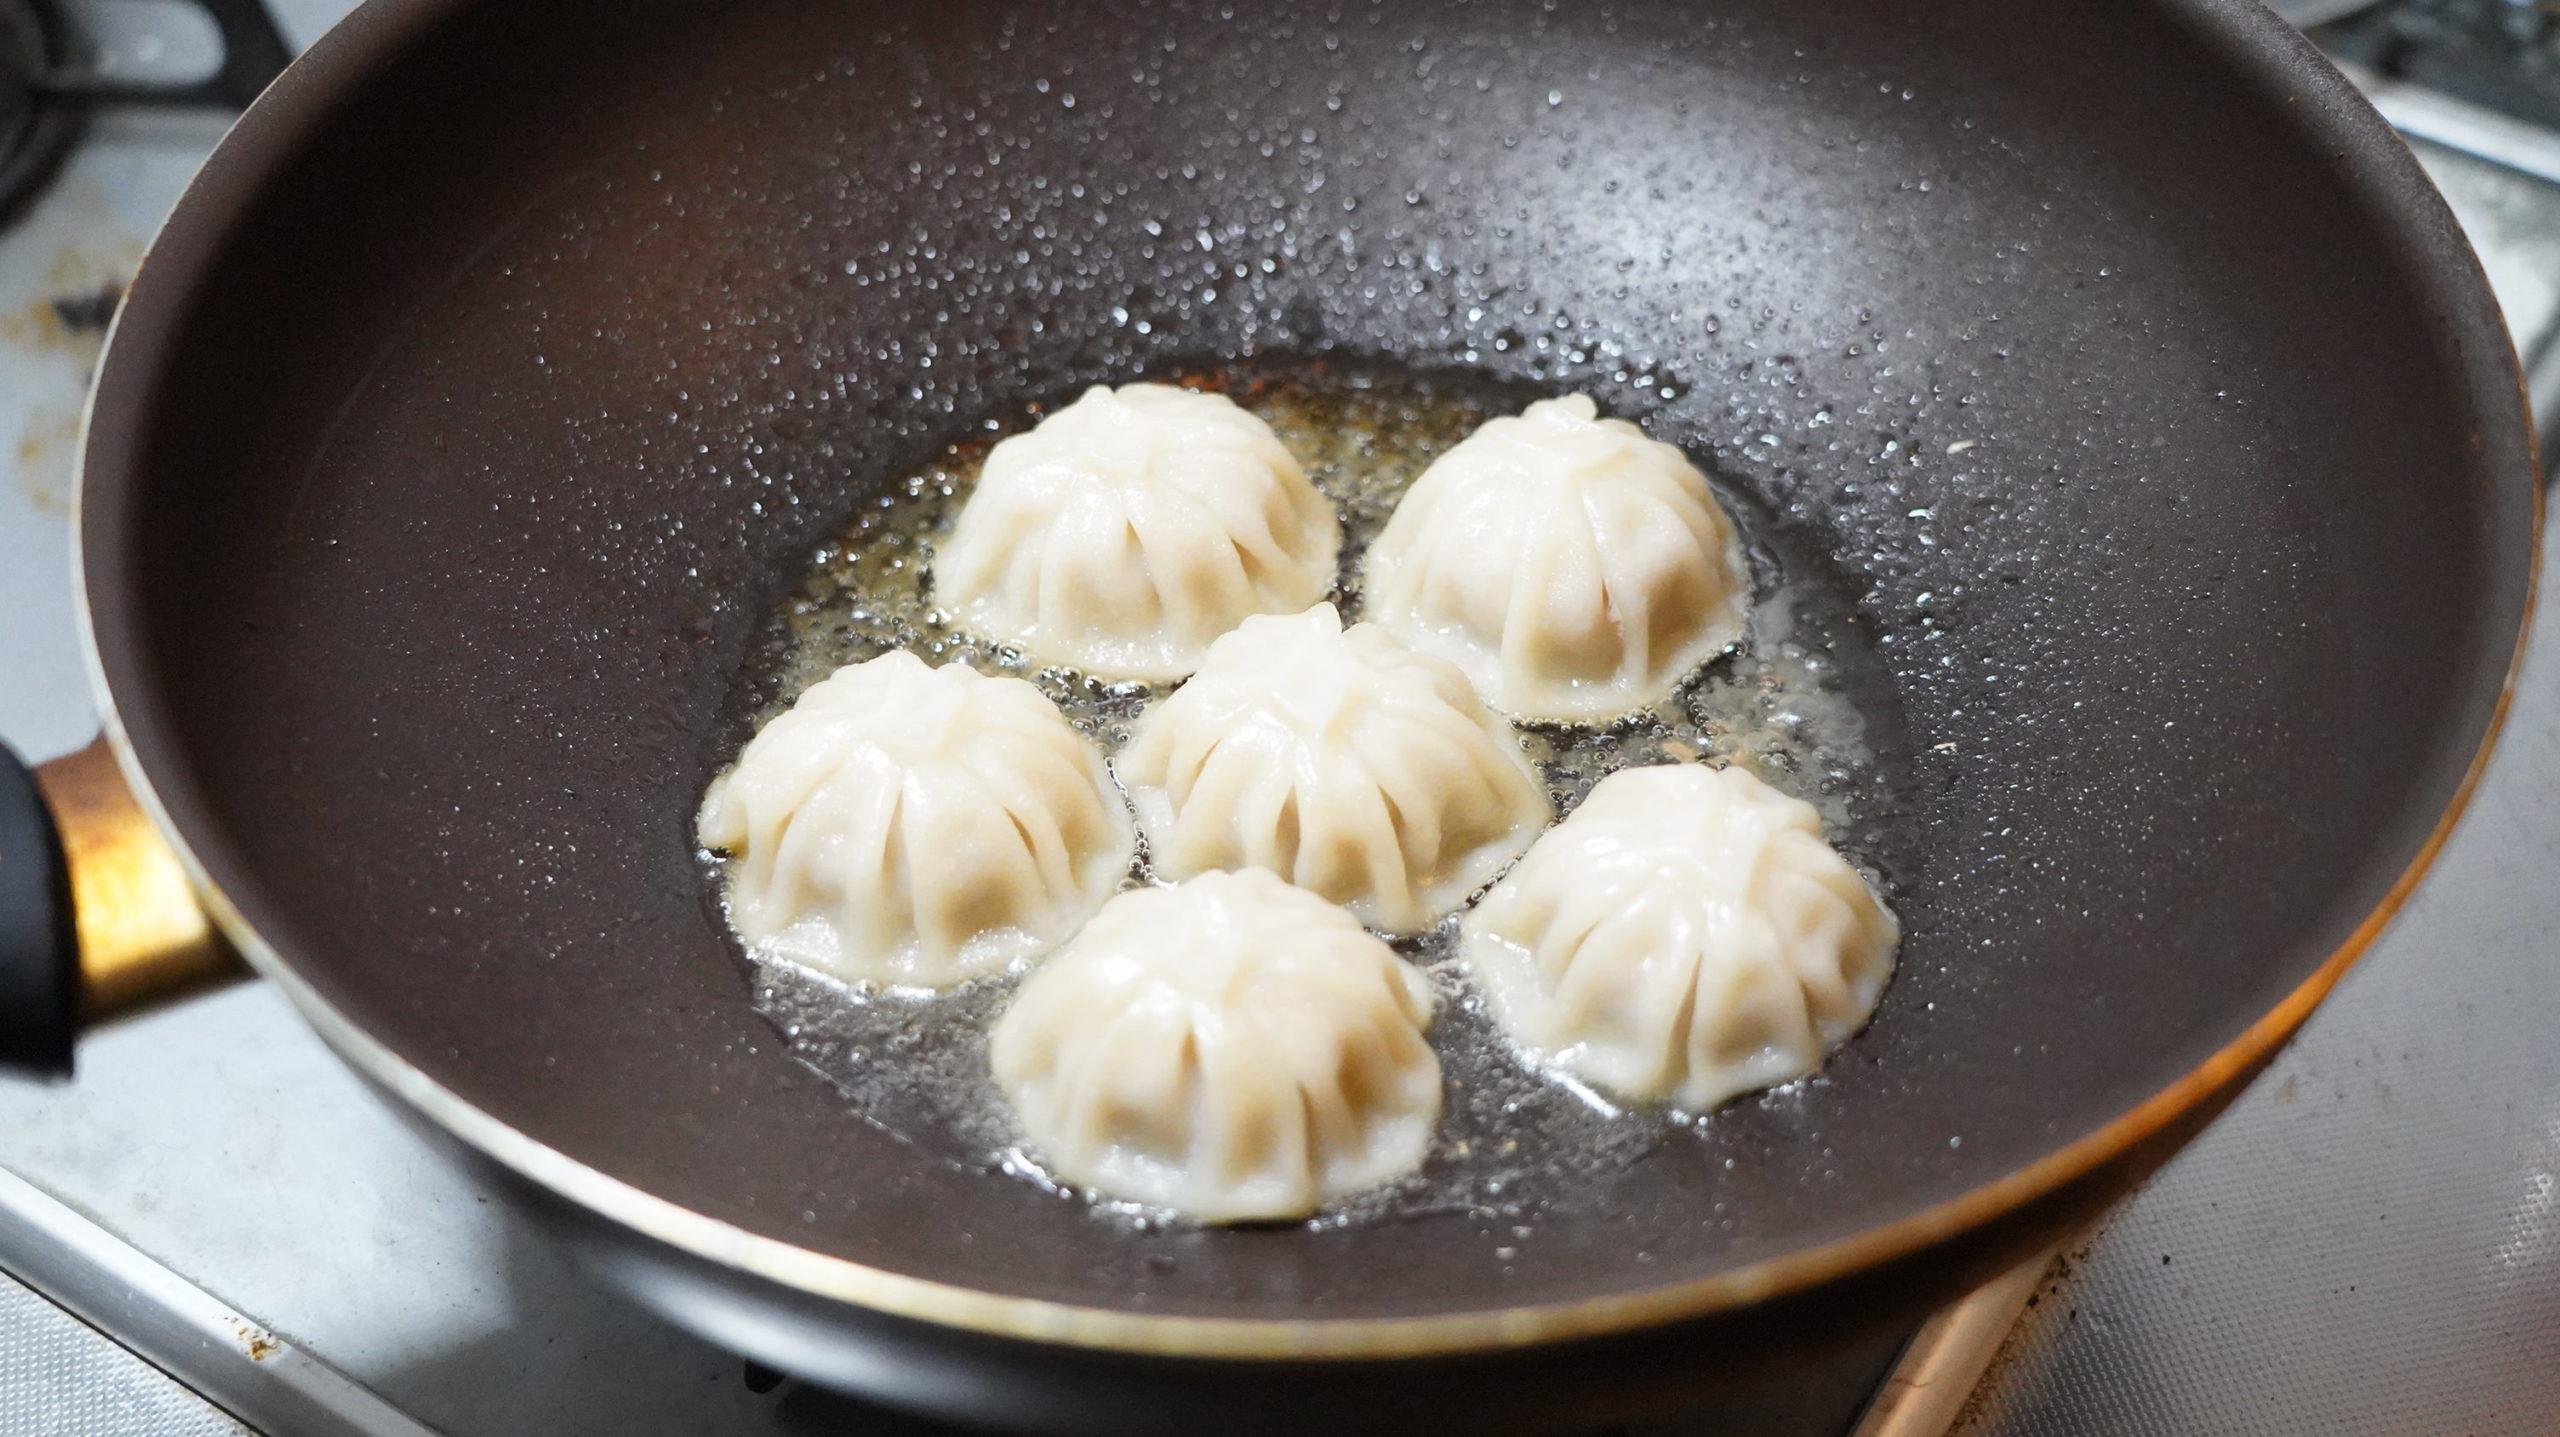 コストコの冷凍食品「冷凍・生・小籠包」をフライパンの蓋を外して加熱している写真